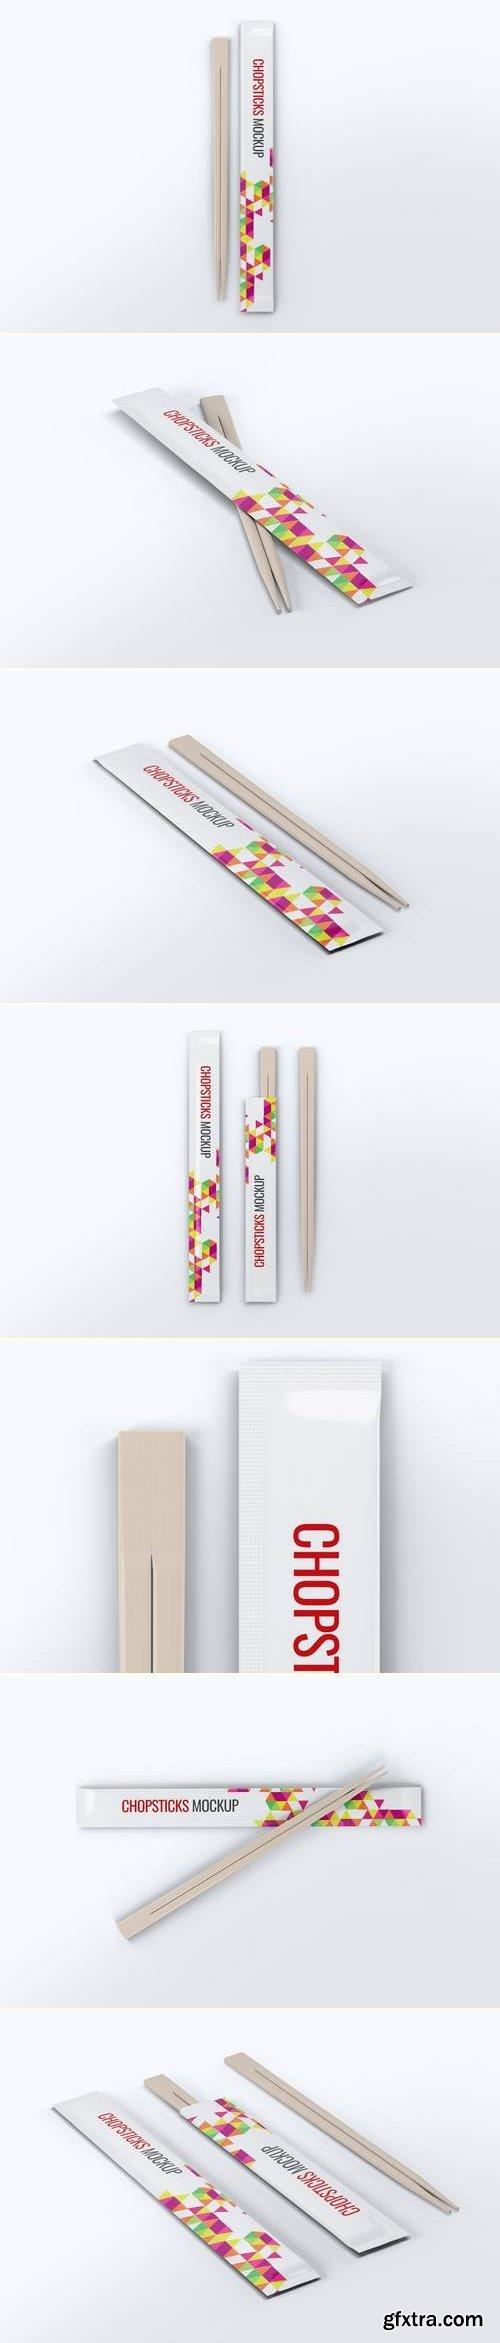 Chopsticks Mock-Up